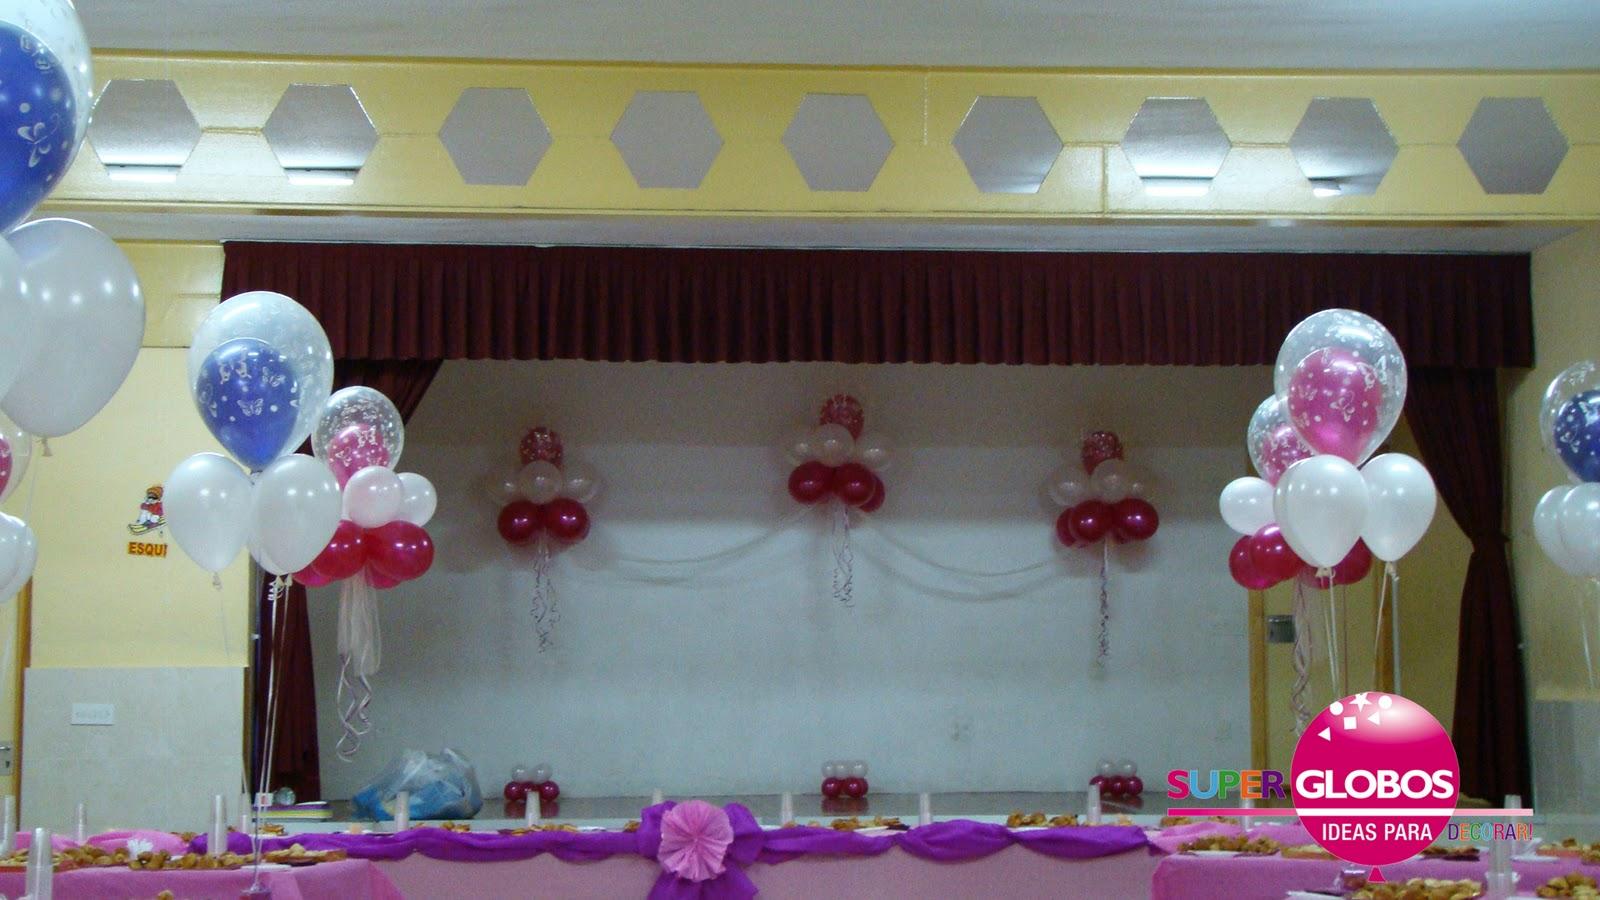 Decoraci n pedida hogueras 2011 decoraci n con globos for Decoracion para pared dia de la madre